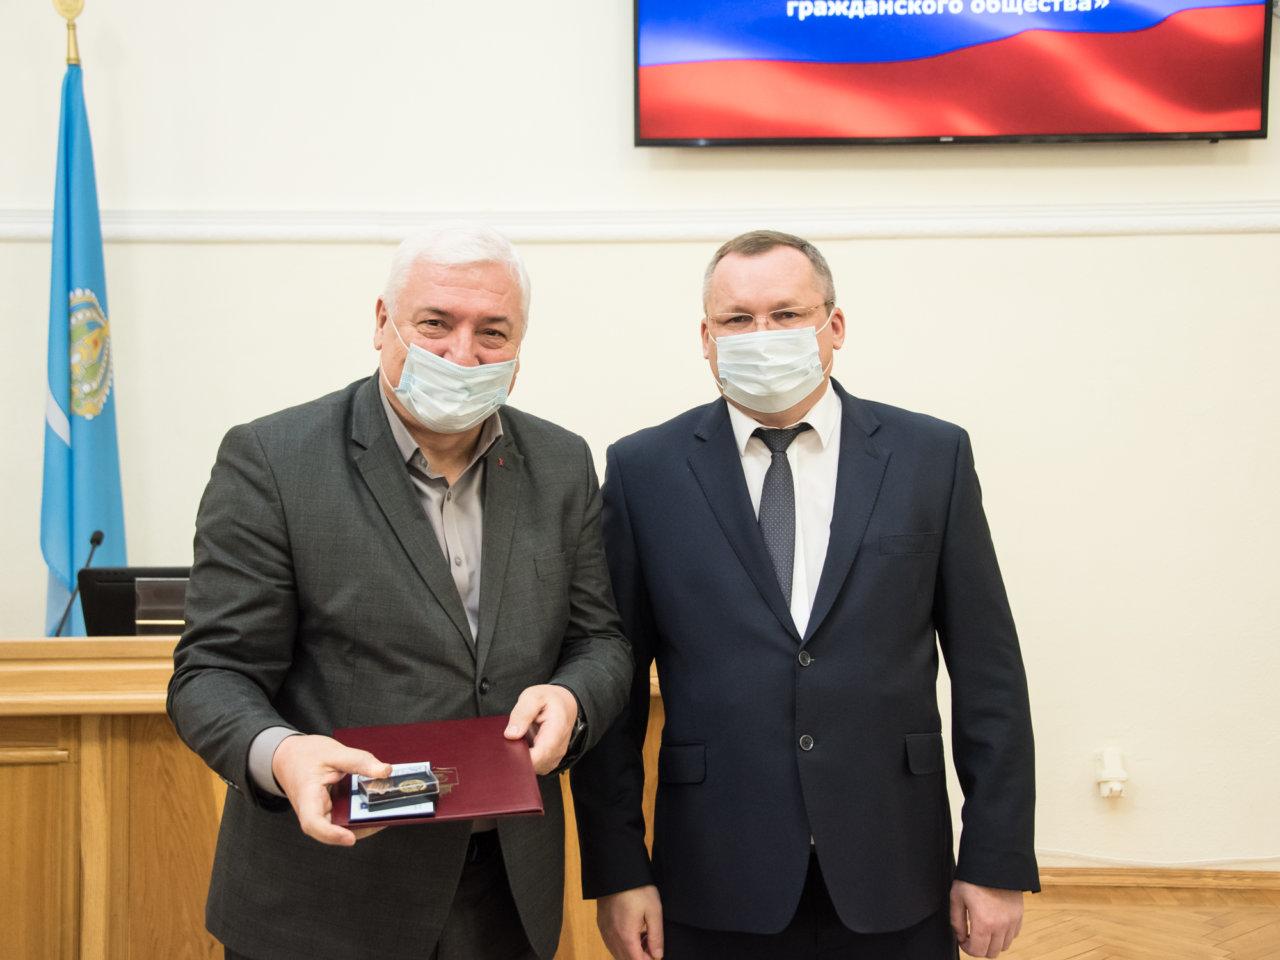 Игорь Мартынов вручил почетный знак «За развитие парламентаризма и гражданского общества»